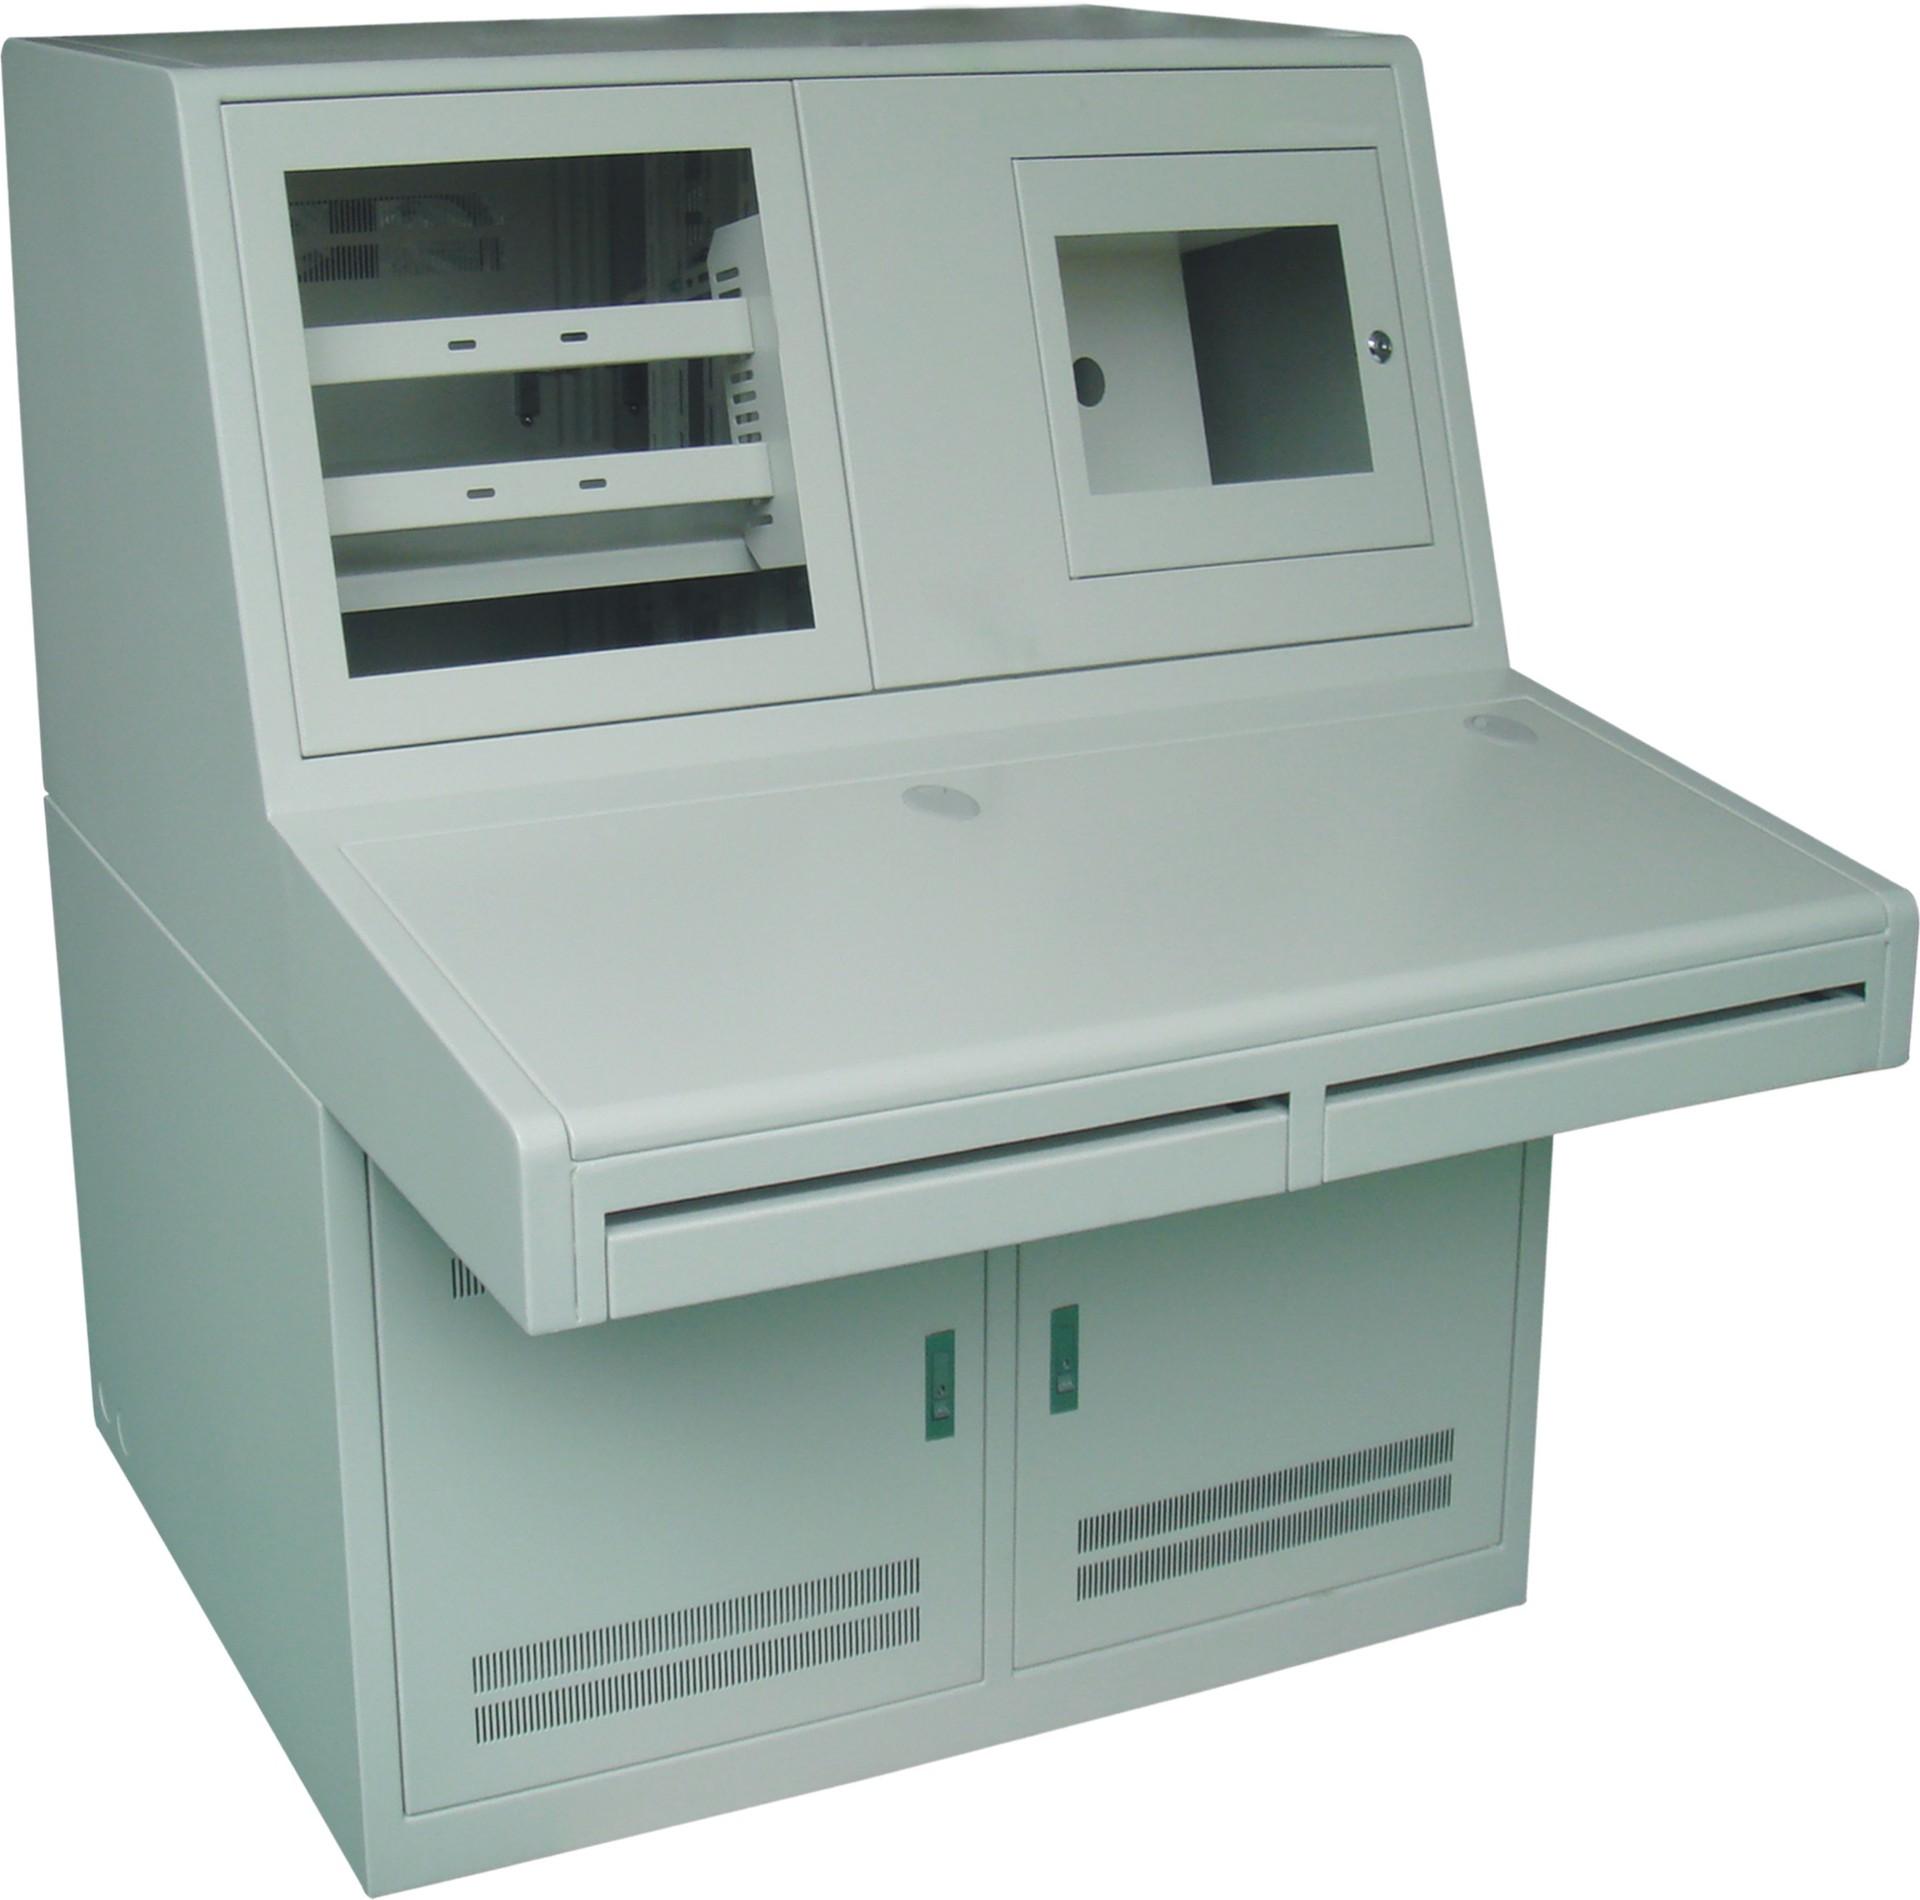 QS琴式操作台